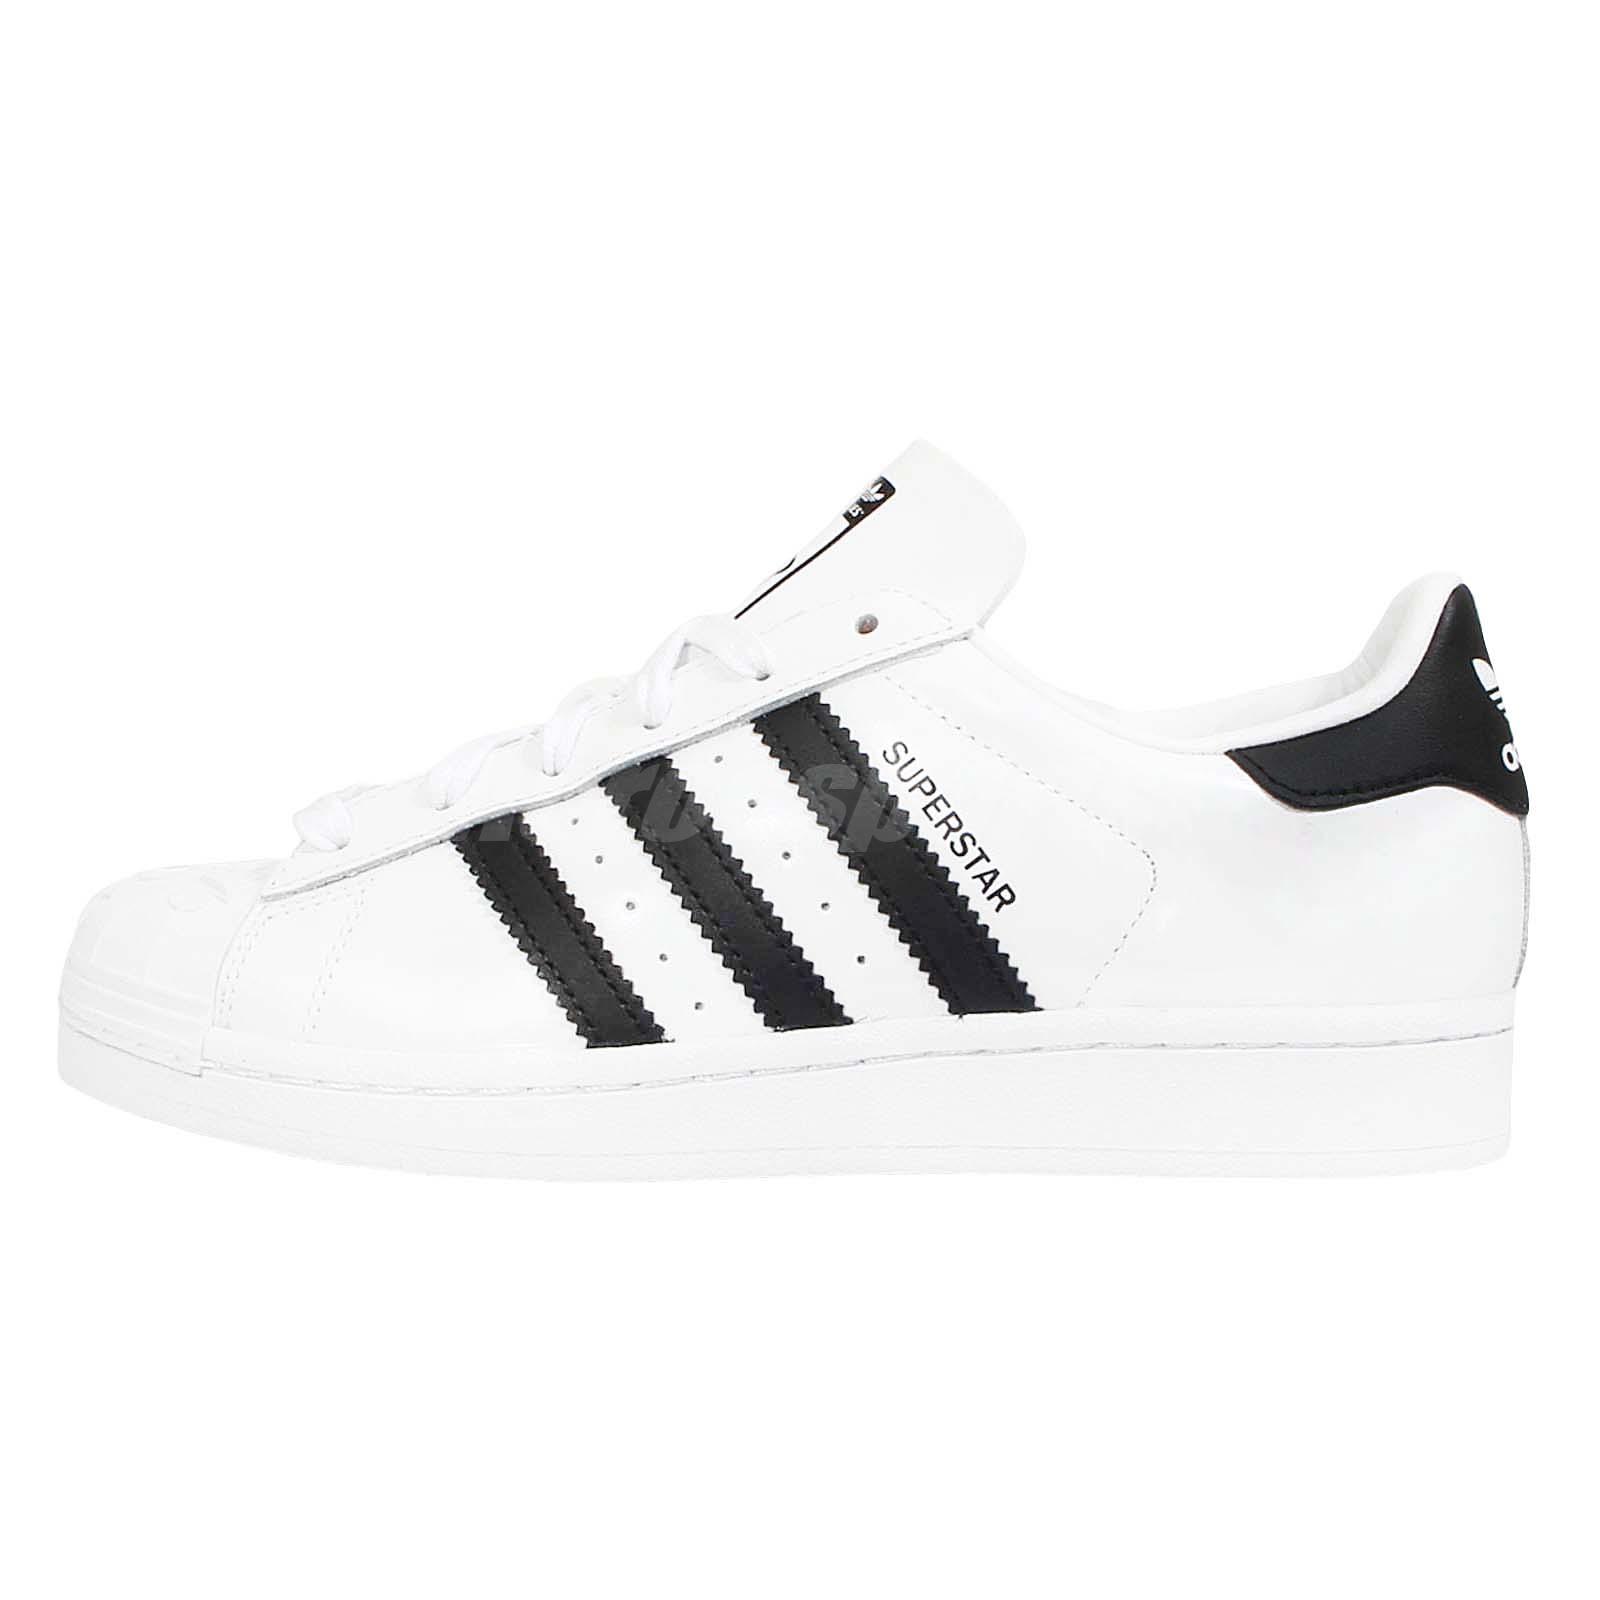 366a24ab1d8248 ... adidas vespa shoes india ...